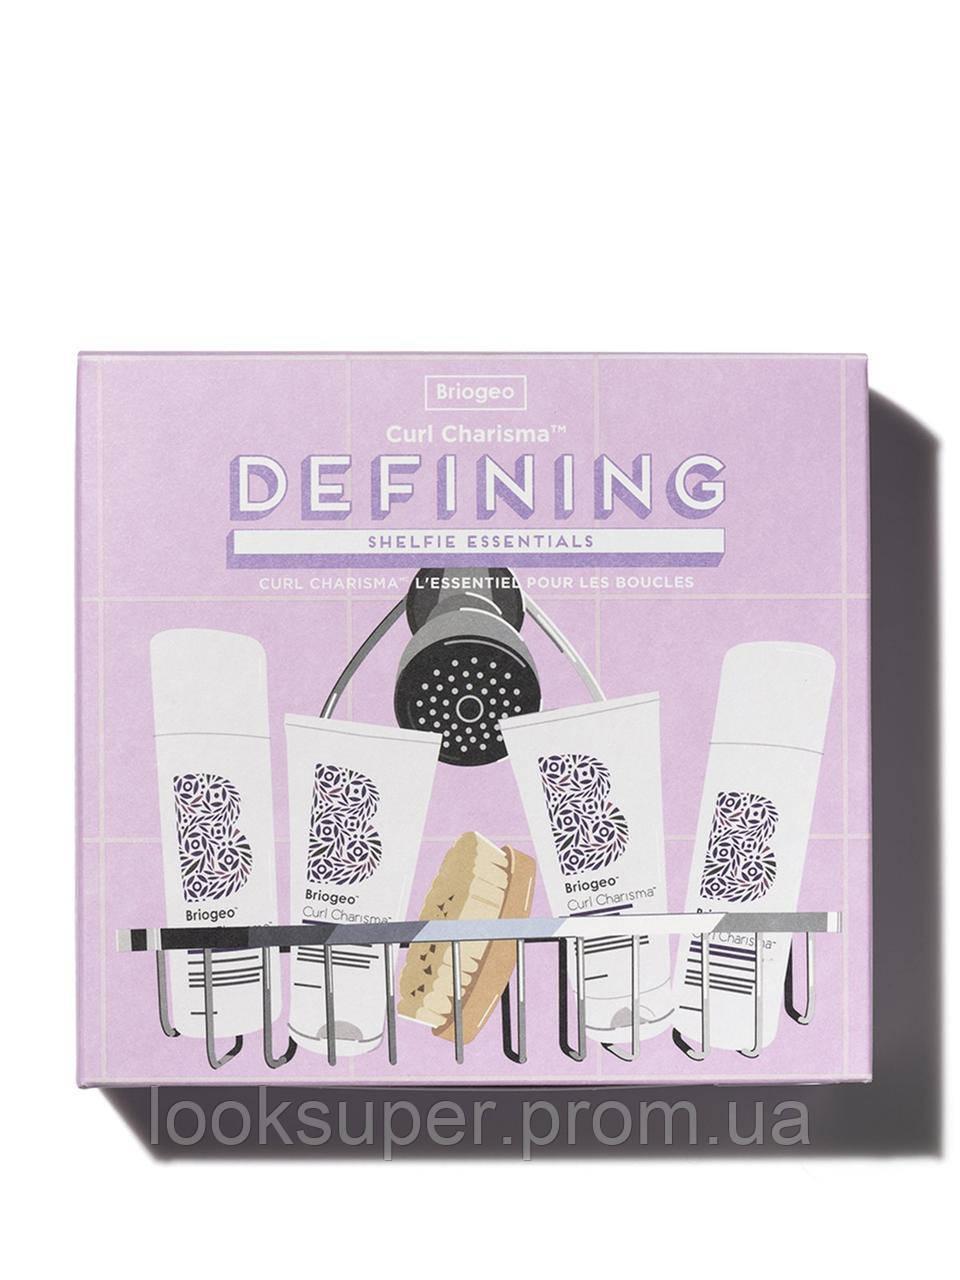 Набор для ухода за волосами и кожей головы  Briogeo defining shelfie essentials kit